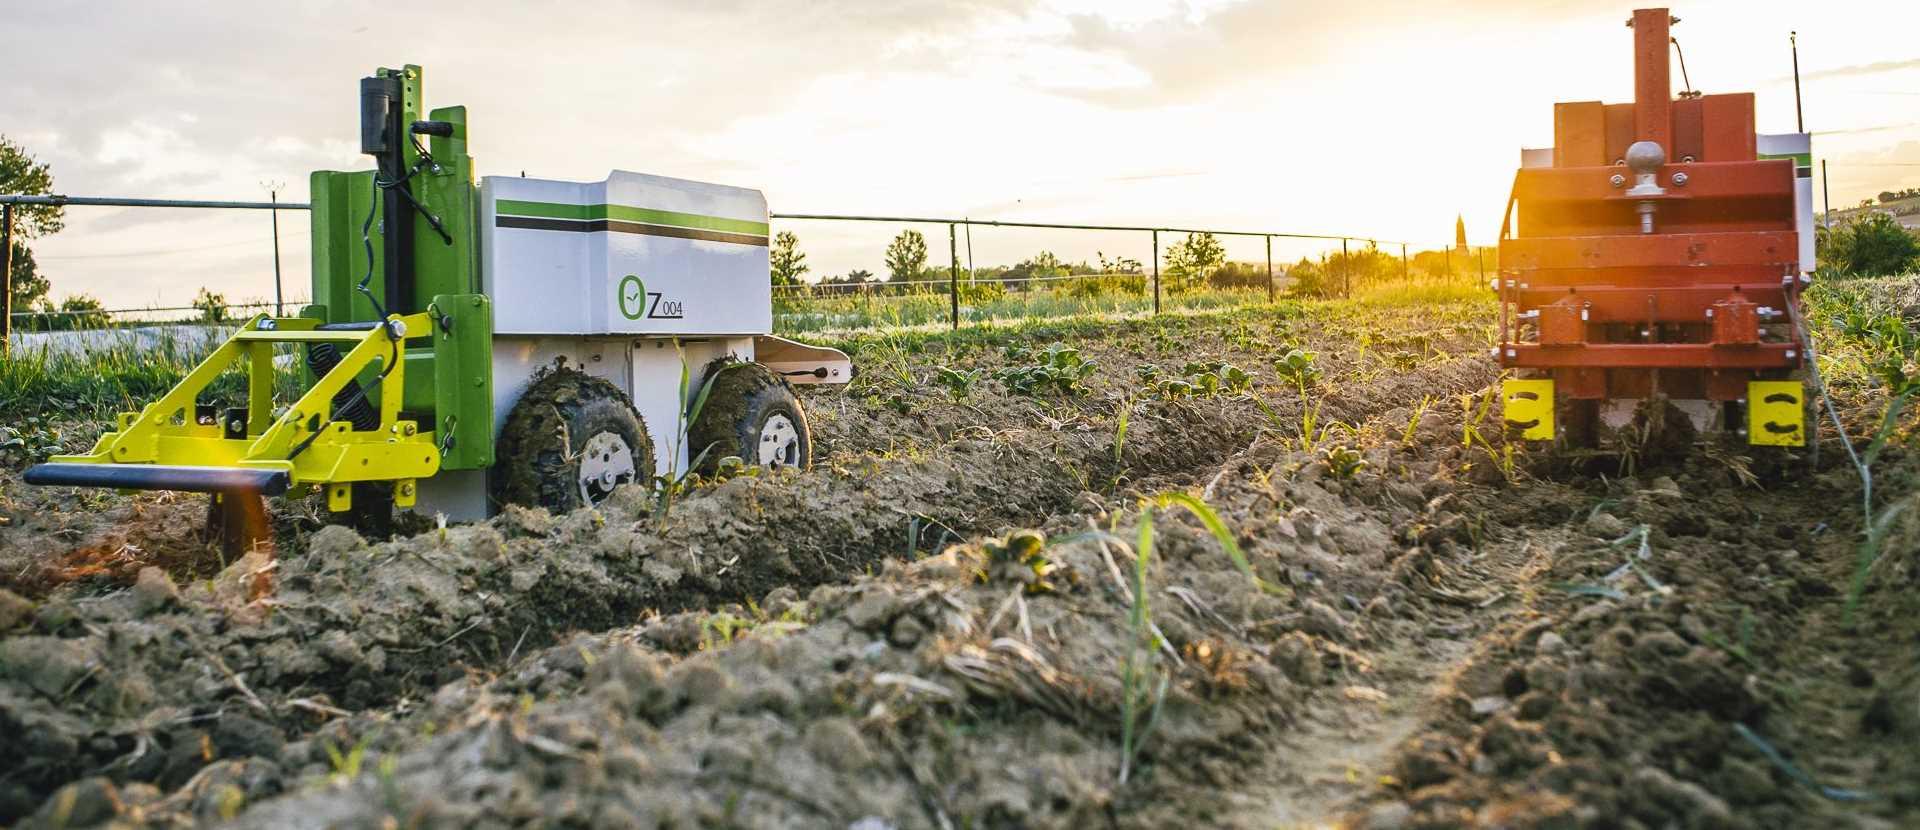 Le robot de desherbage naio permet une assistance au maraichage et pepinieres. A découvrir chez nova 12 agences dans le sud-est en région PACA - Aix - Arles - Nîmes - Avignon. Département 13-30-84-26-83-04-05-06